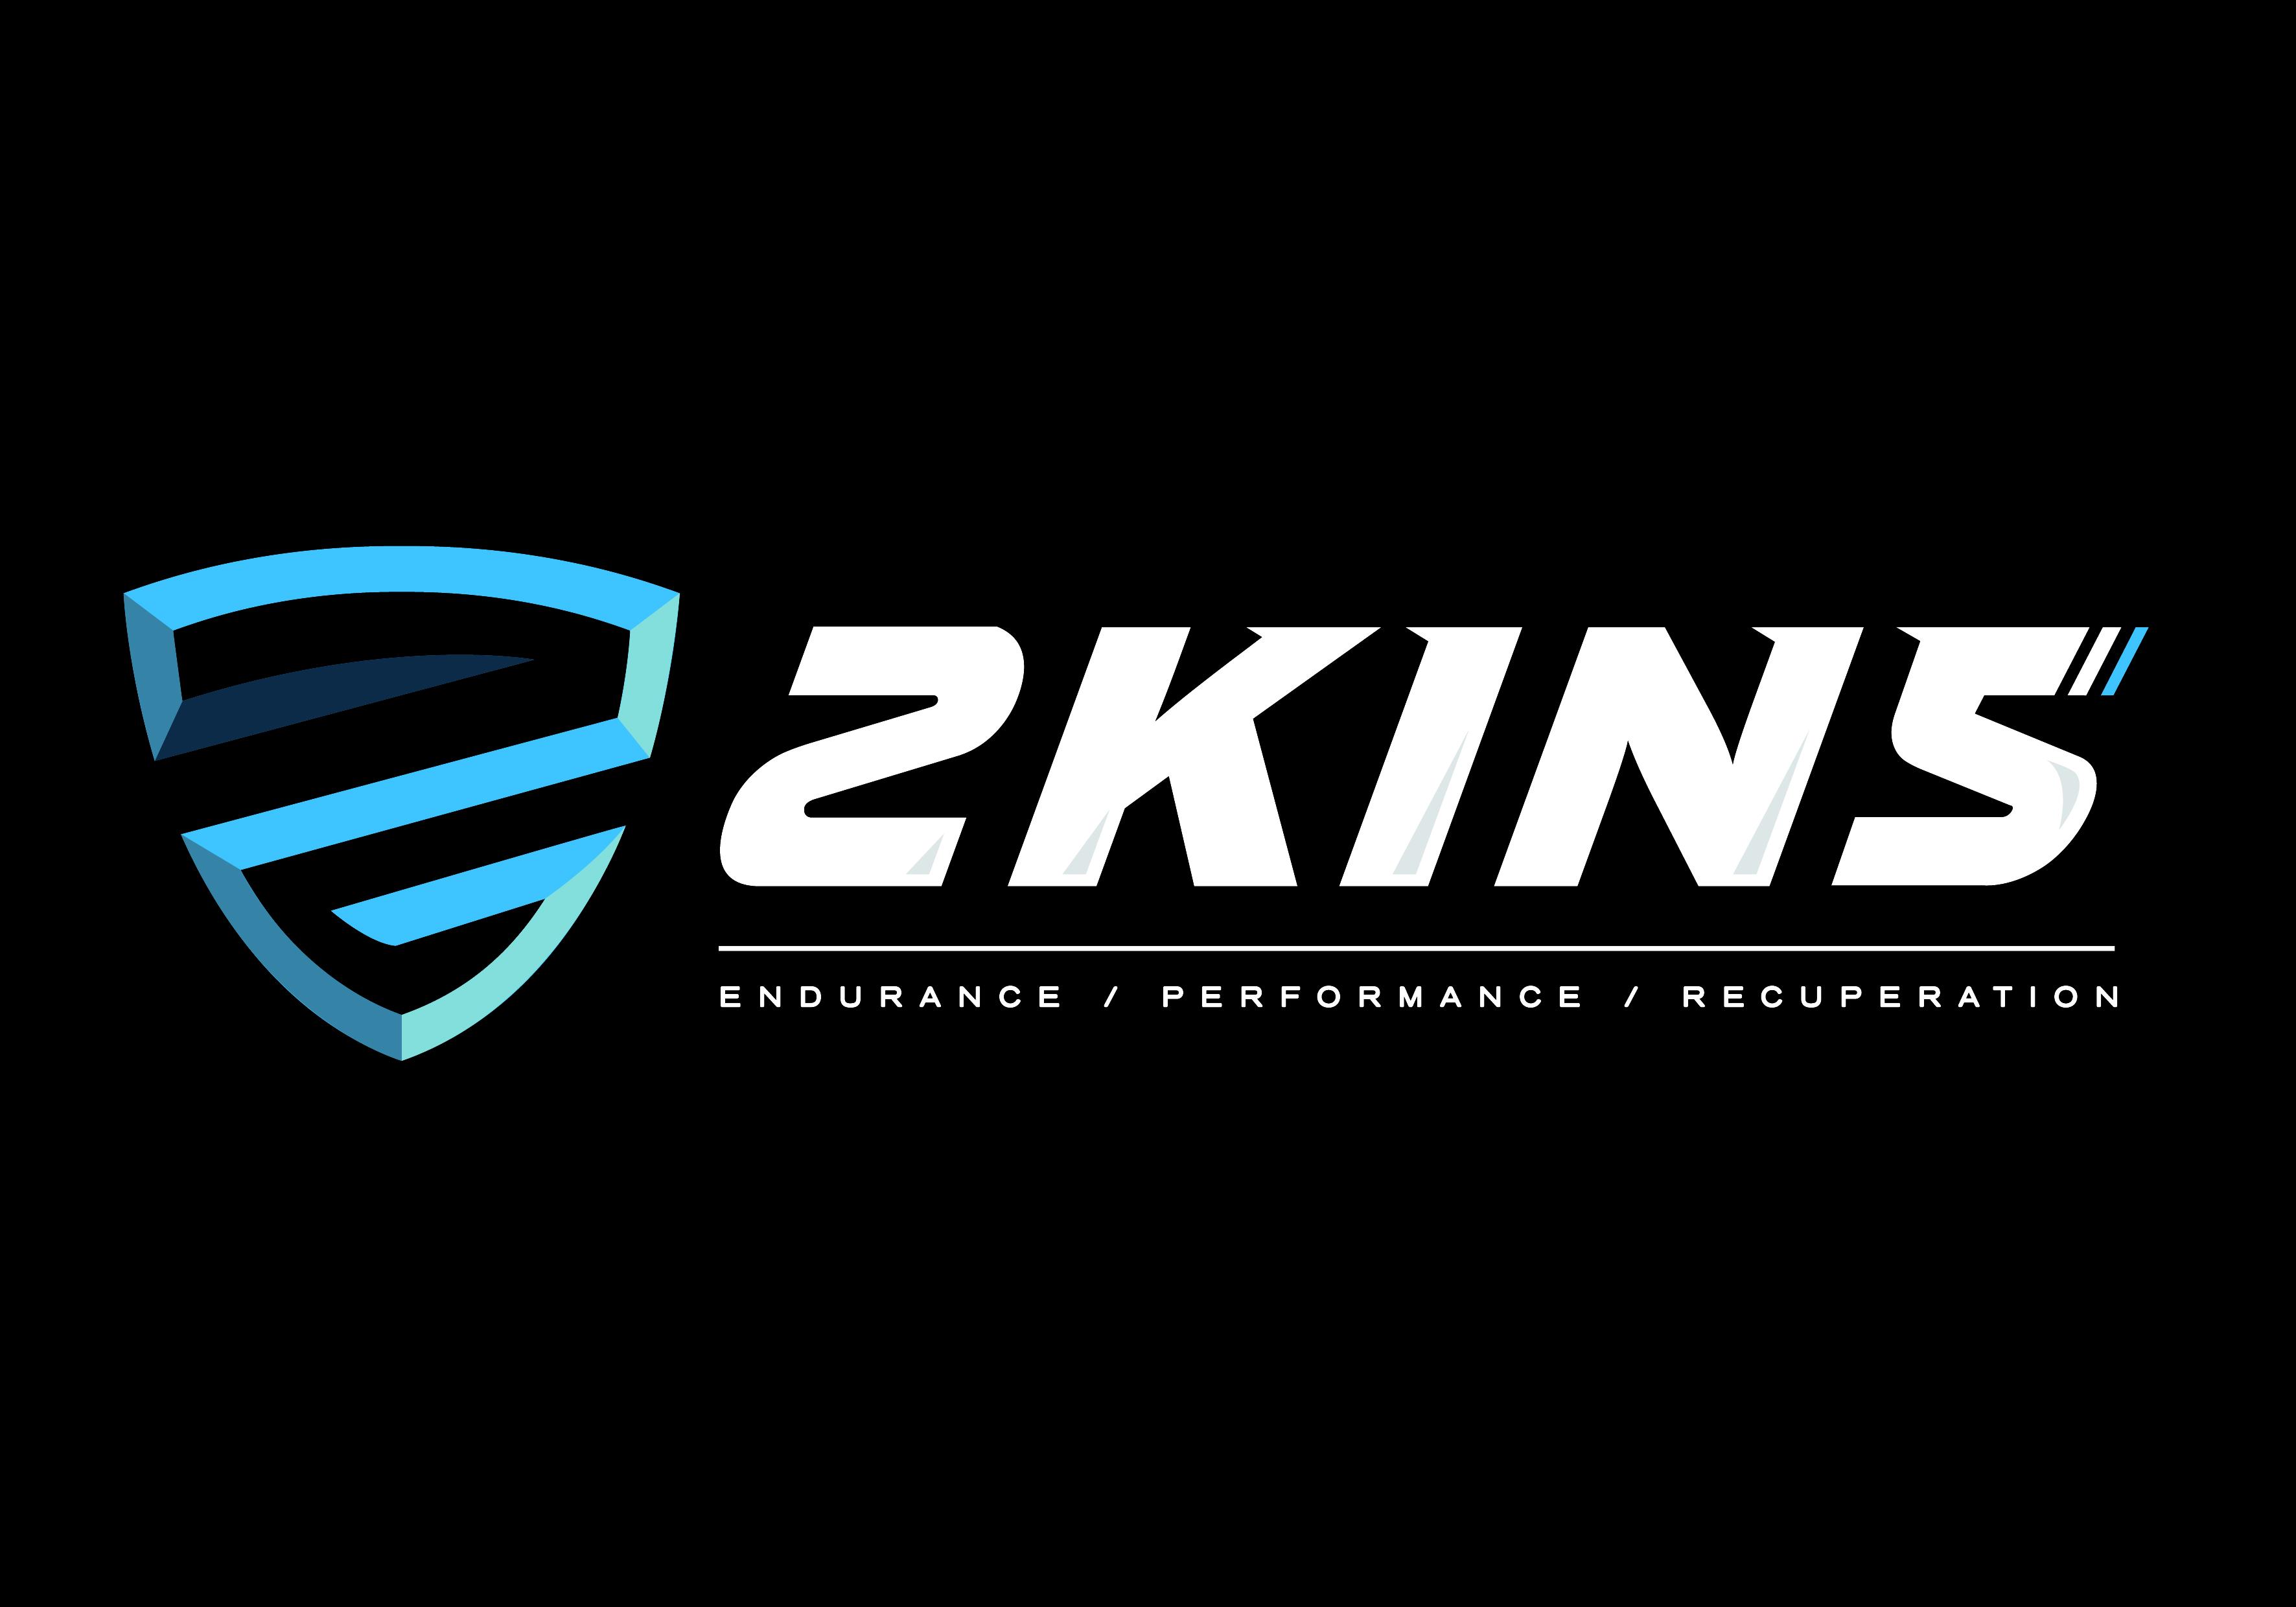 logotype 2kins